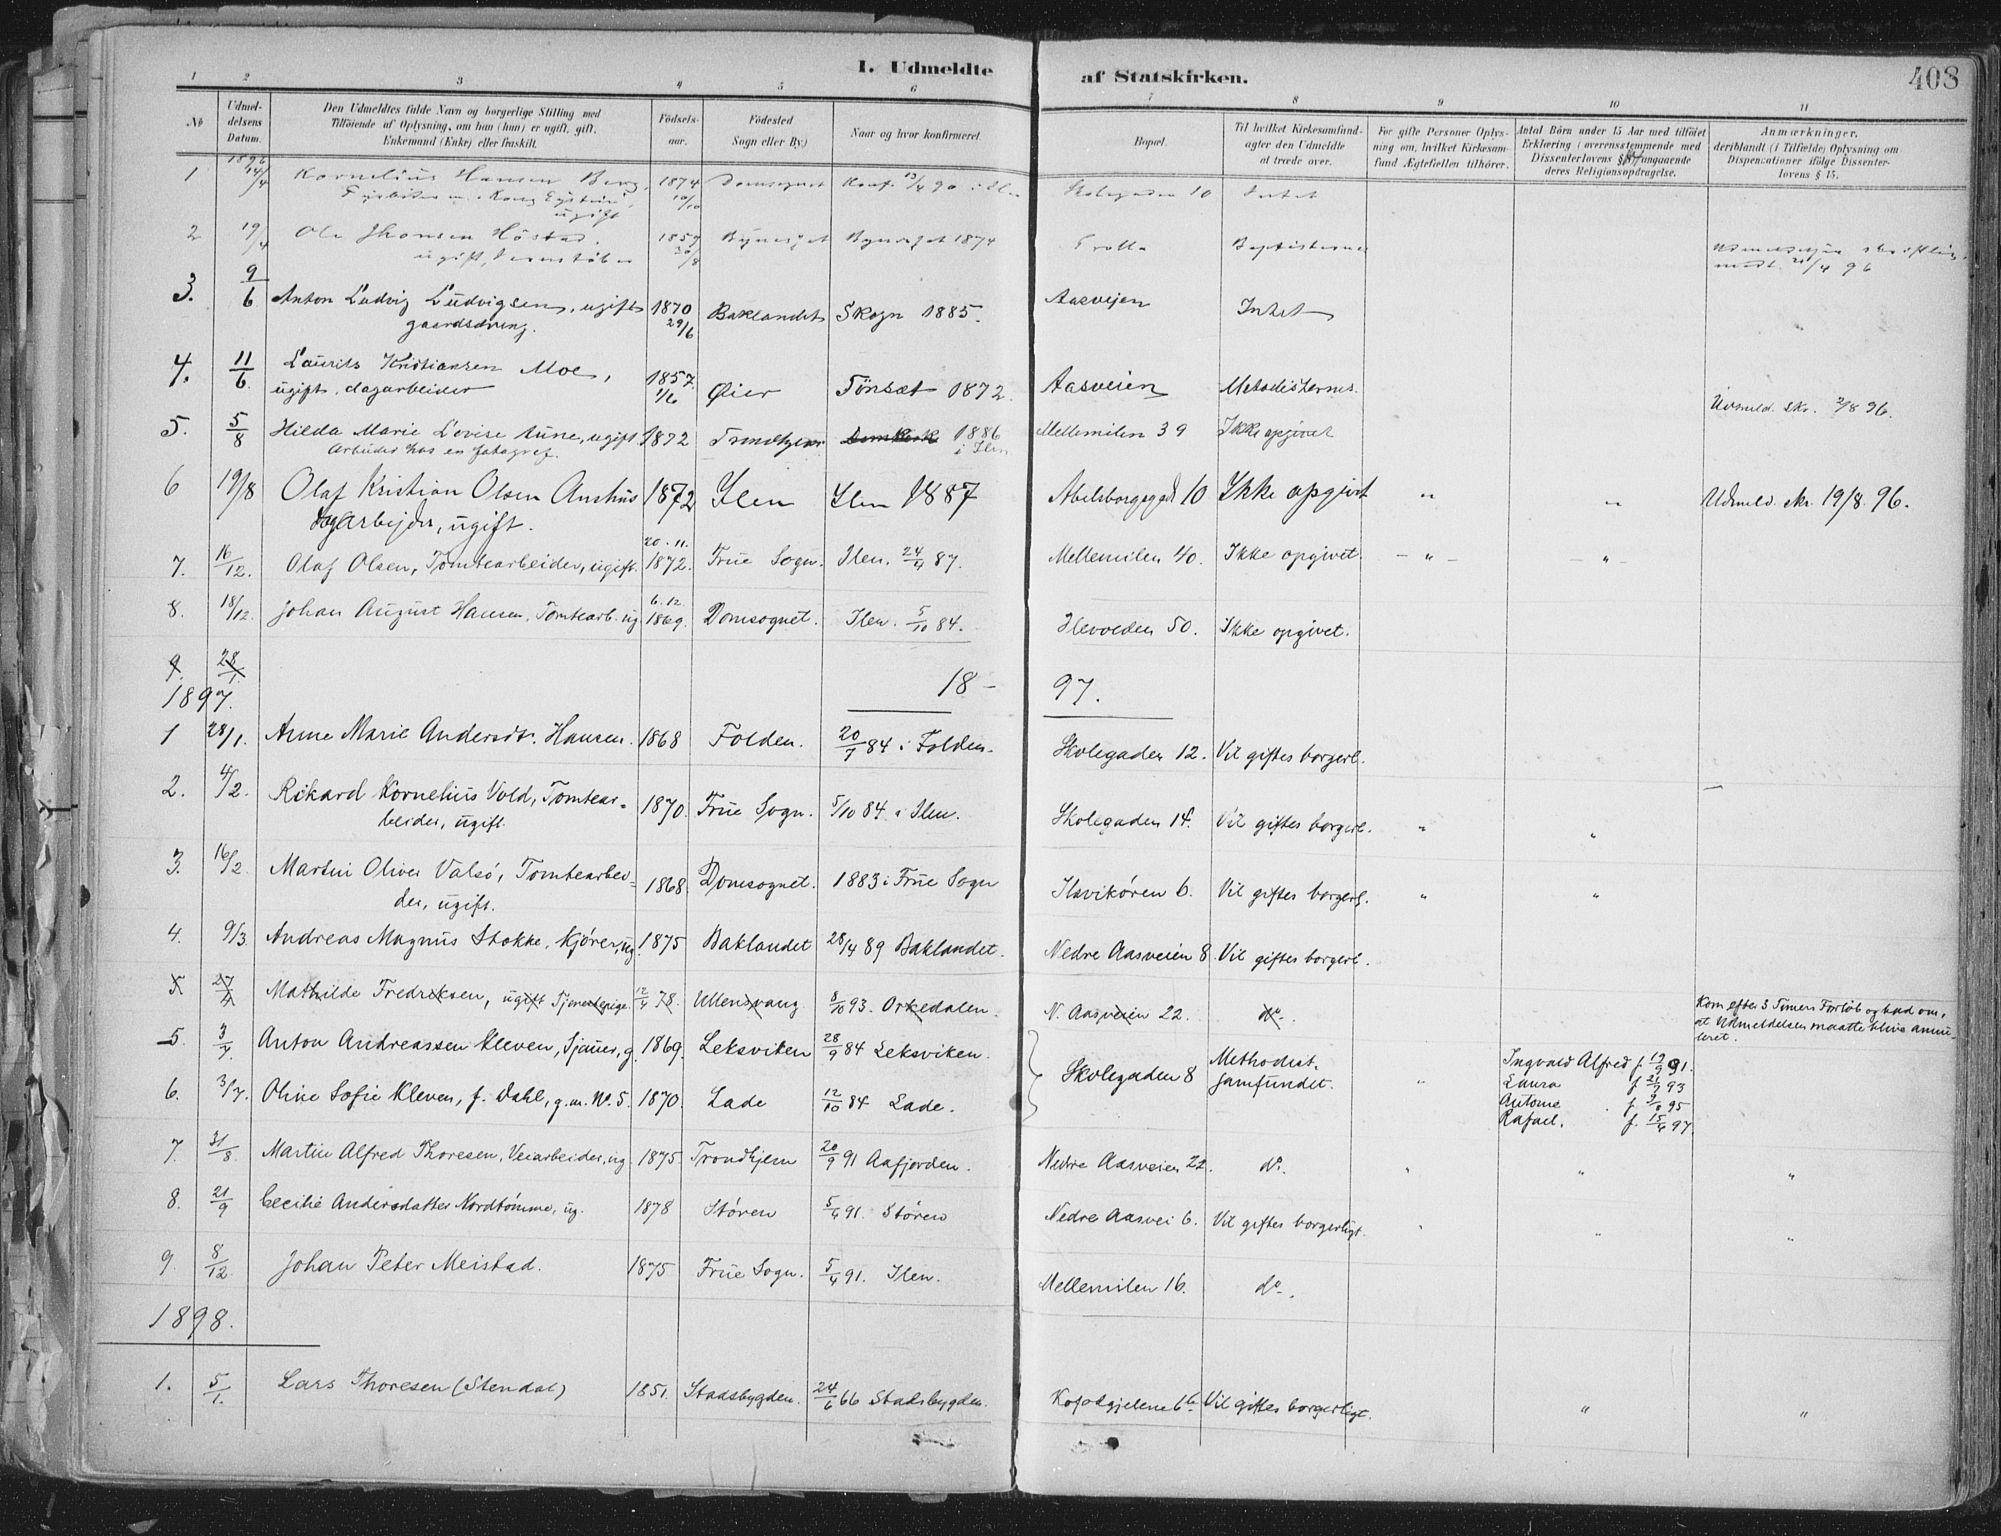 SAT, Ministerialprotokoller, klokkerbøker og fødselsregistre - Sør-Trøndelag, 603/L0167: Ministerialbok nr. 603A06, 1896-1932, s. 408